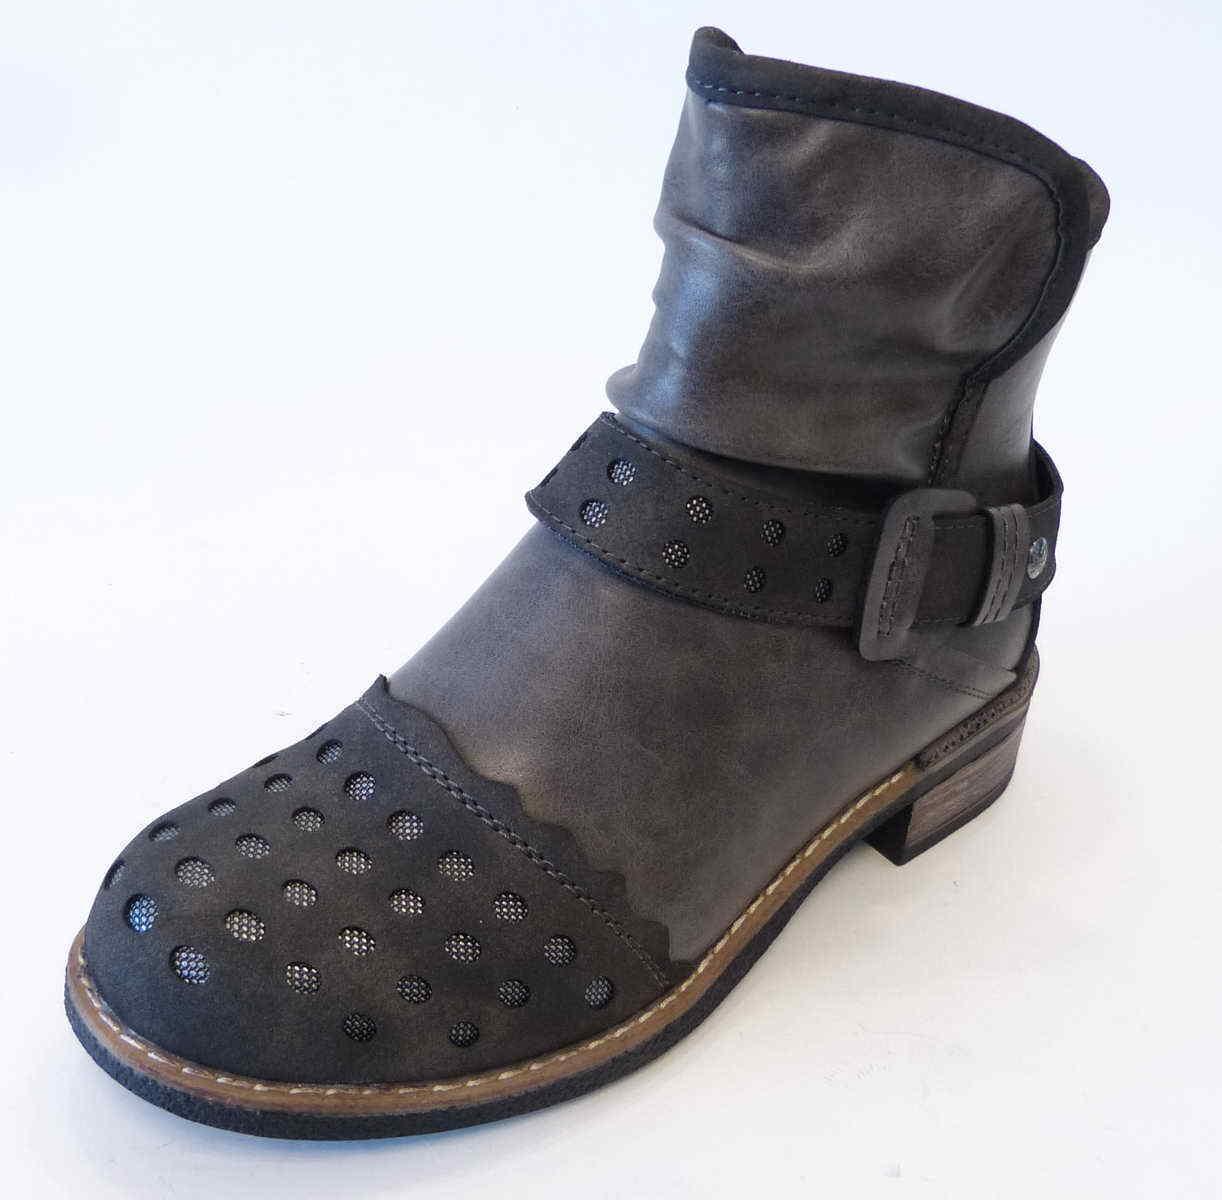 Rieker Stiefel Stiefel 94660 45 anthrazit grau Reißverschluß warm Trentino